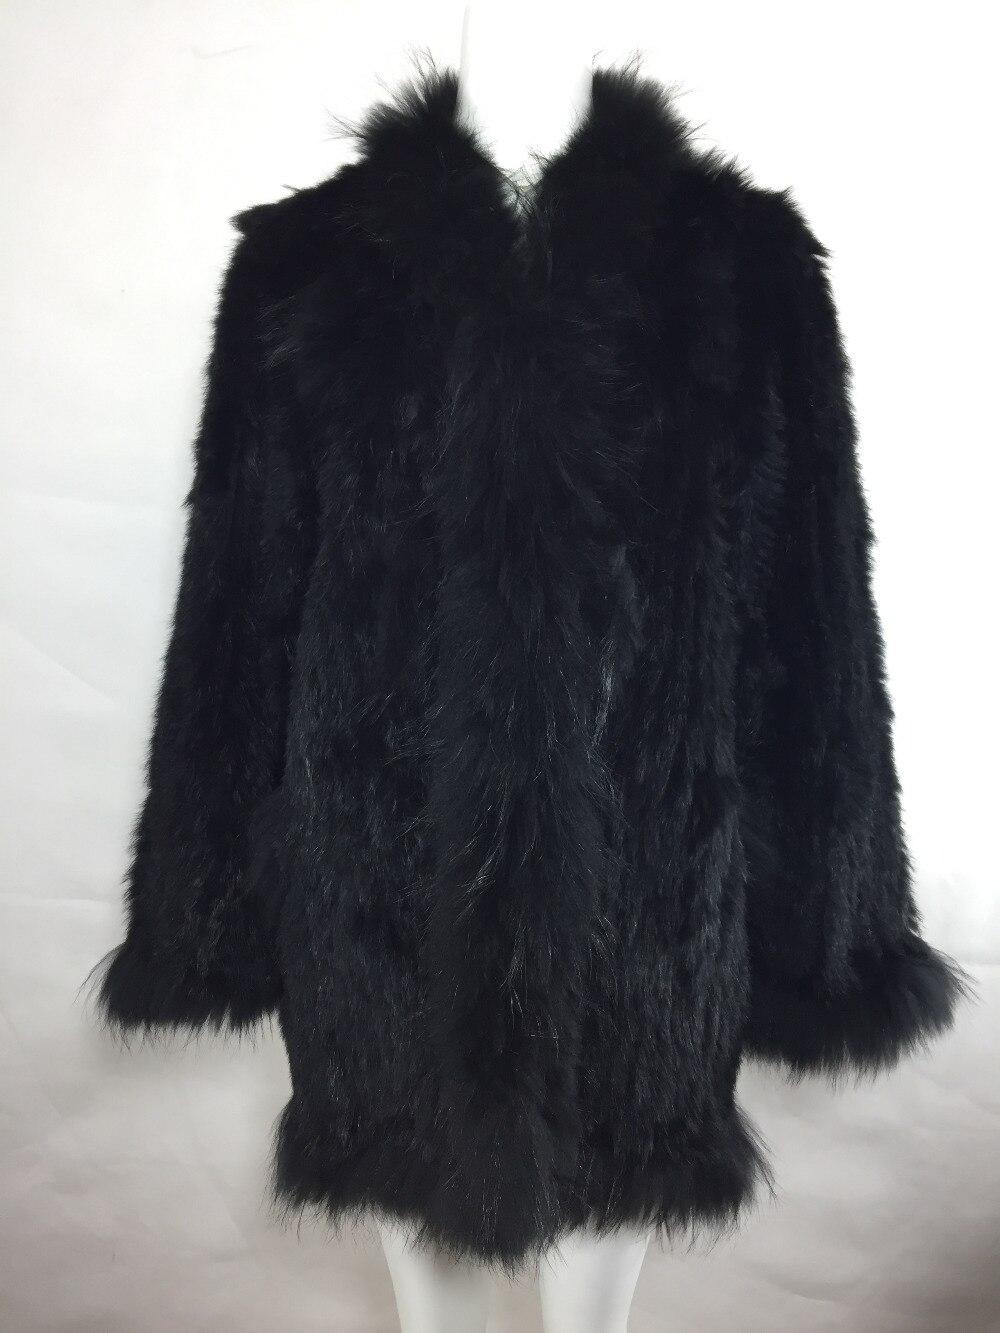 Lange Gestrickte Kaninchen Fell Kapuze Mantel Natur Braun Waschbären Pelz Trimmt Häkeln Strickjacke Pelz Pullover Jacke Outwear Frauen Plus Größe